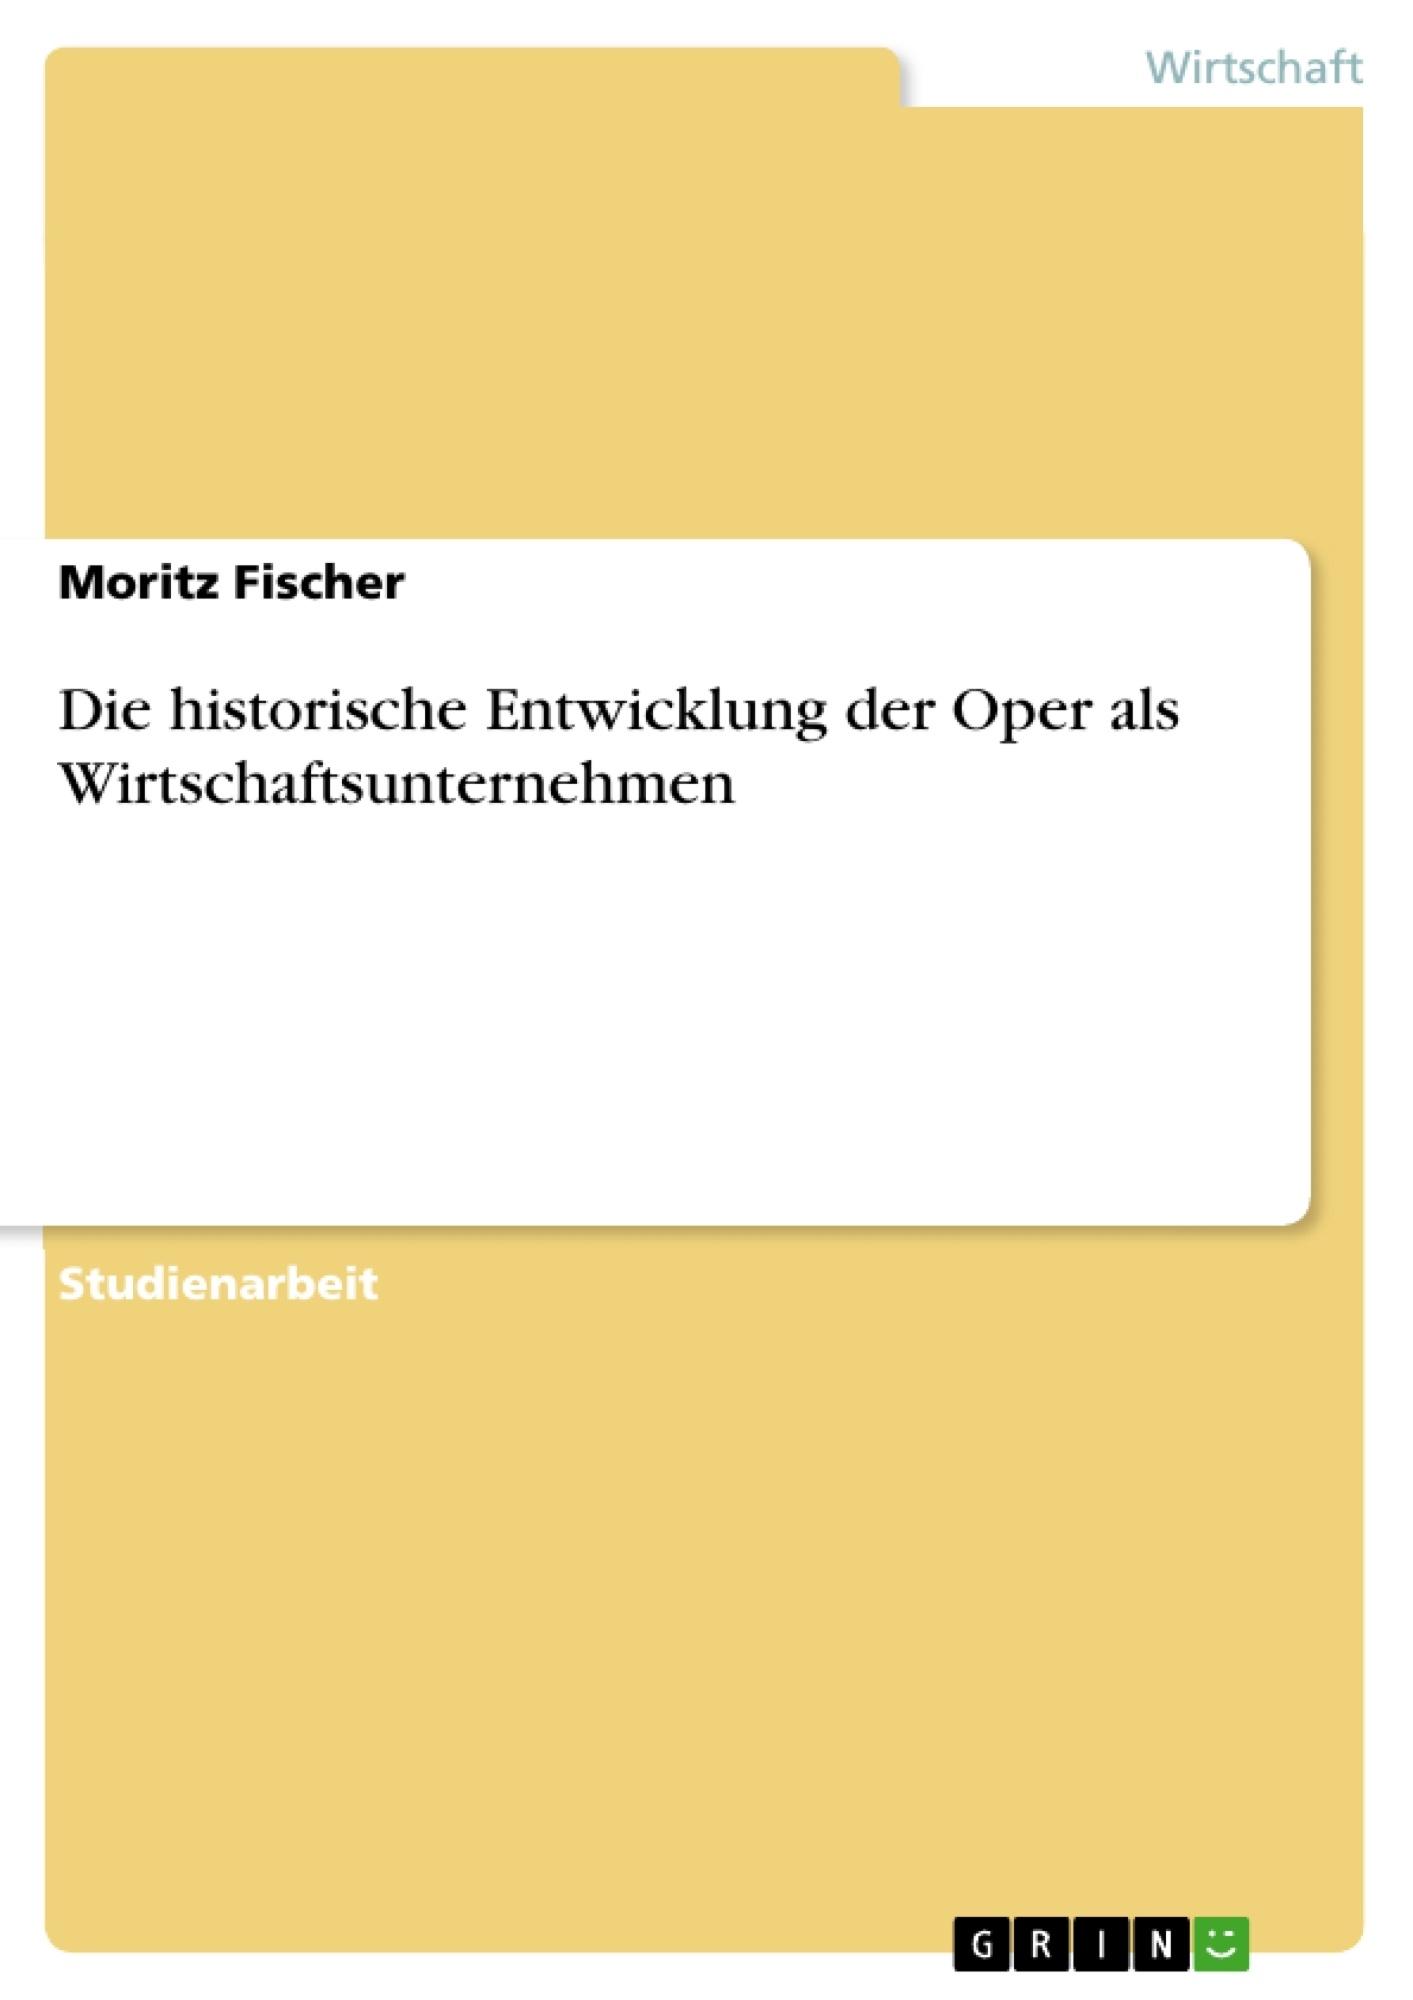 Titel: Die historische Entwicklung der Oper als Wirtschaftsunternehmen